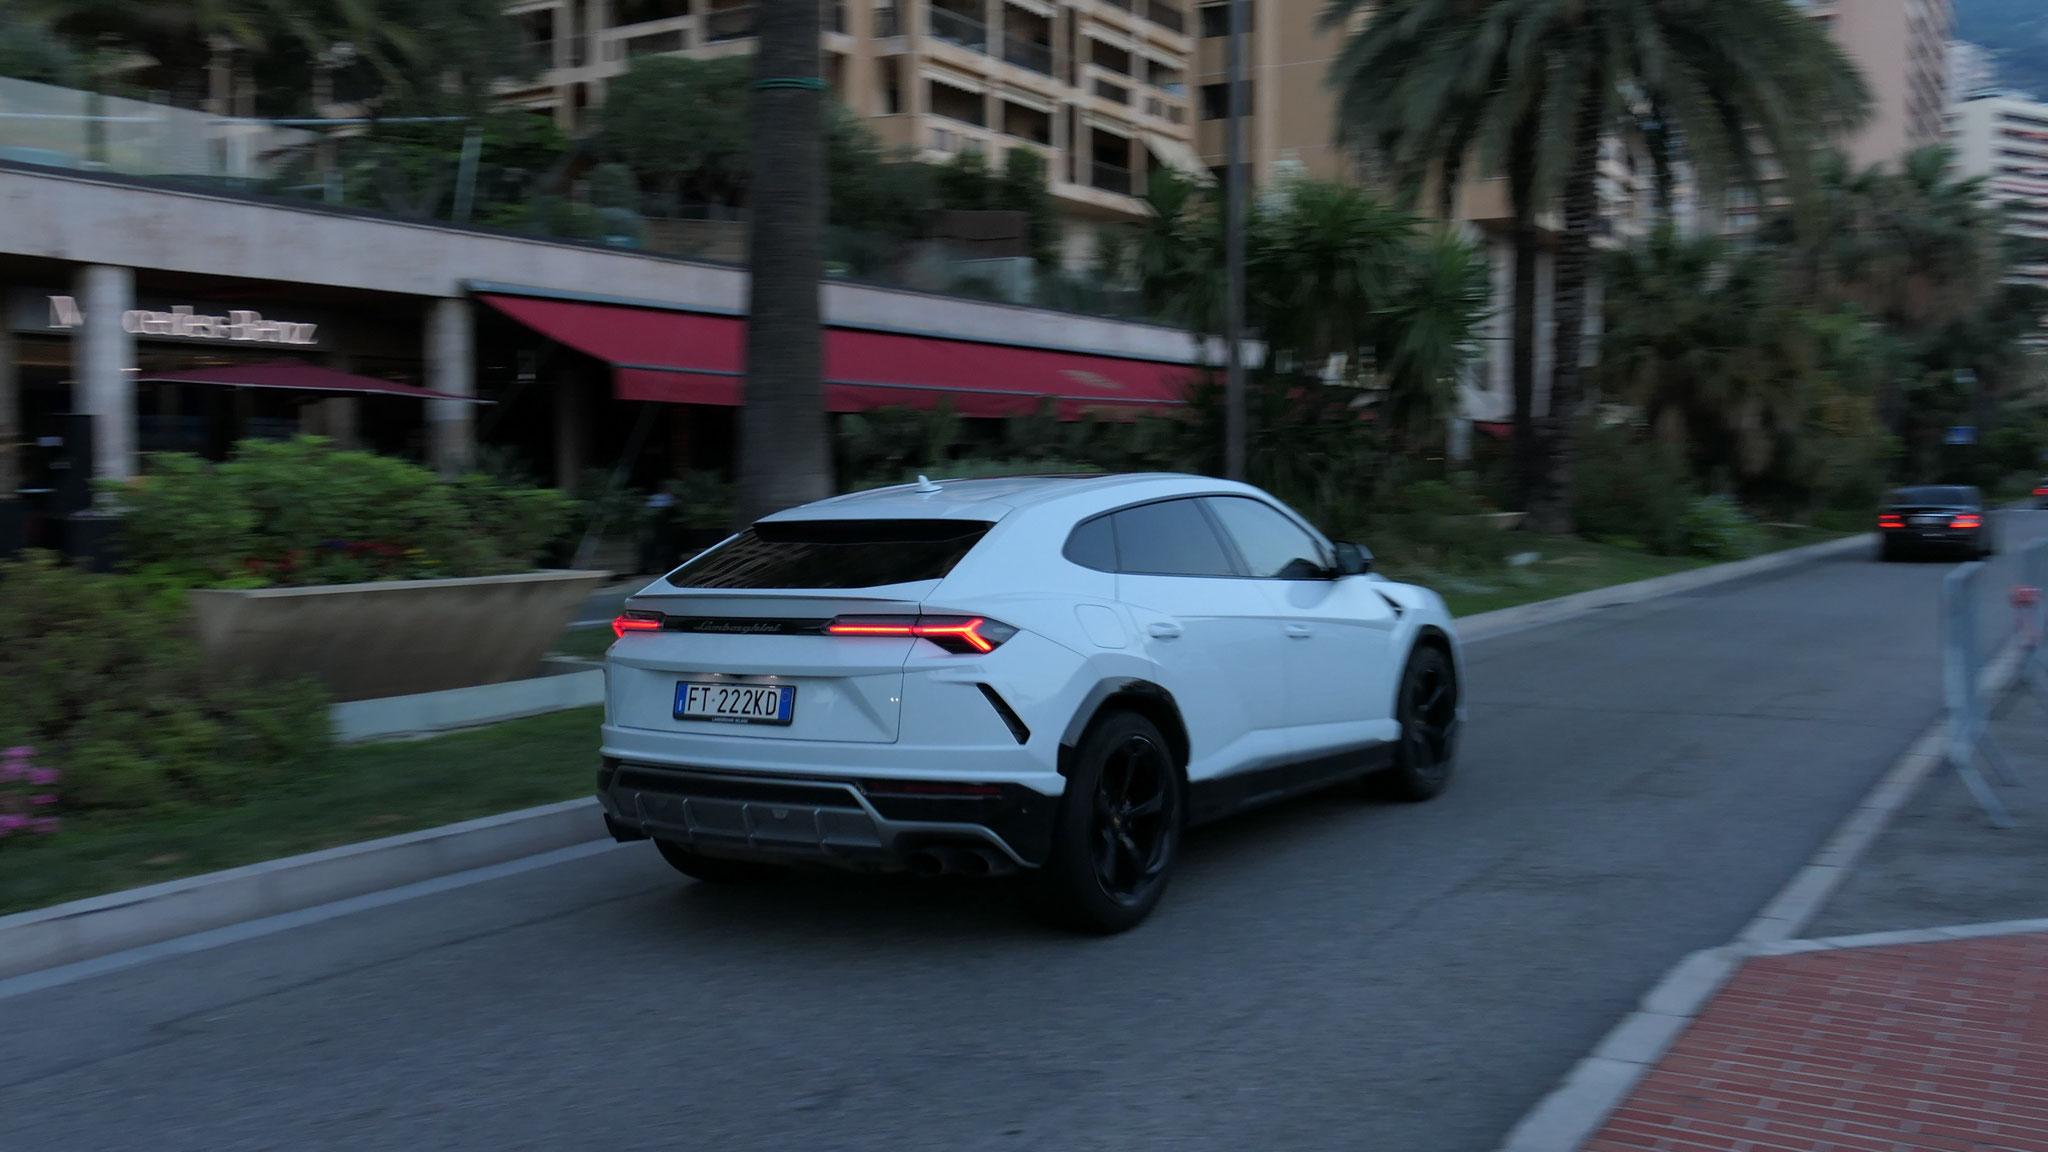 Lamborghini Urus - FT-222-KD (ITA)